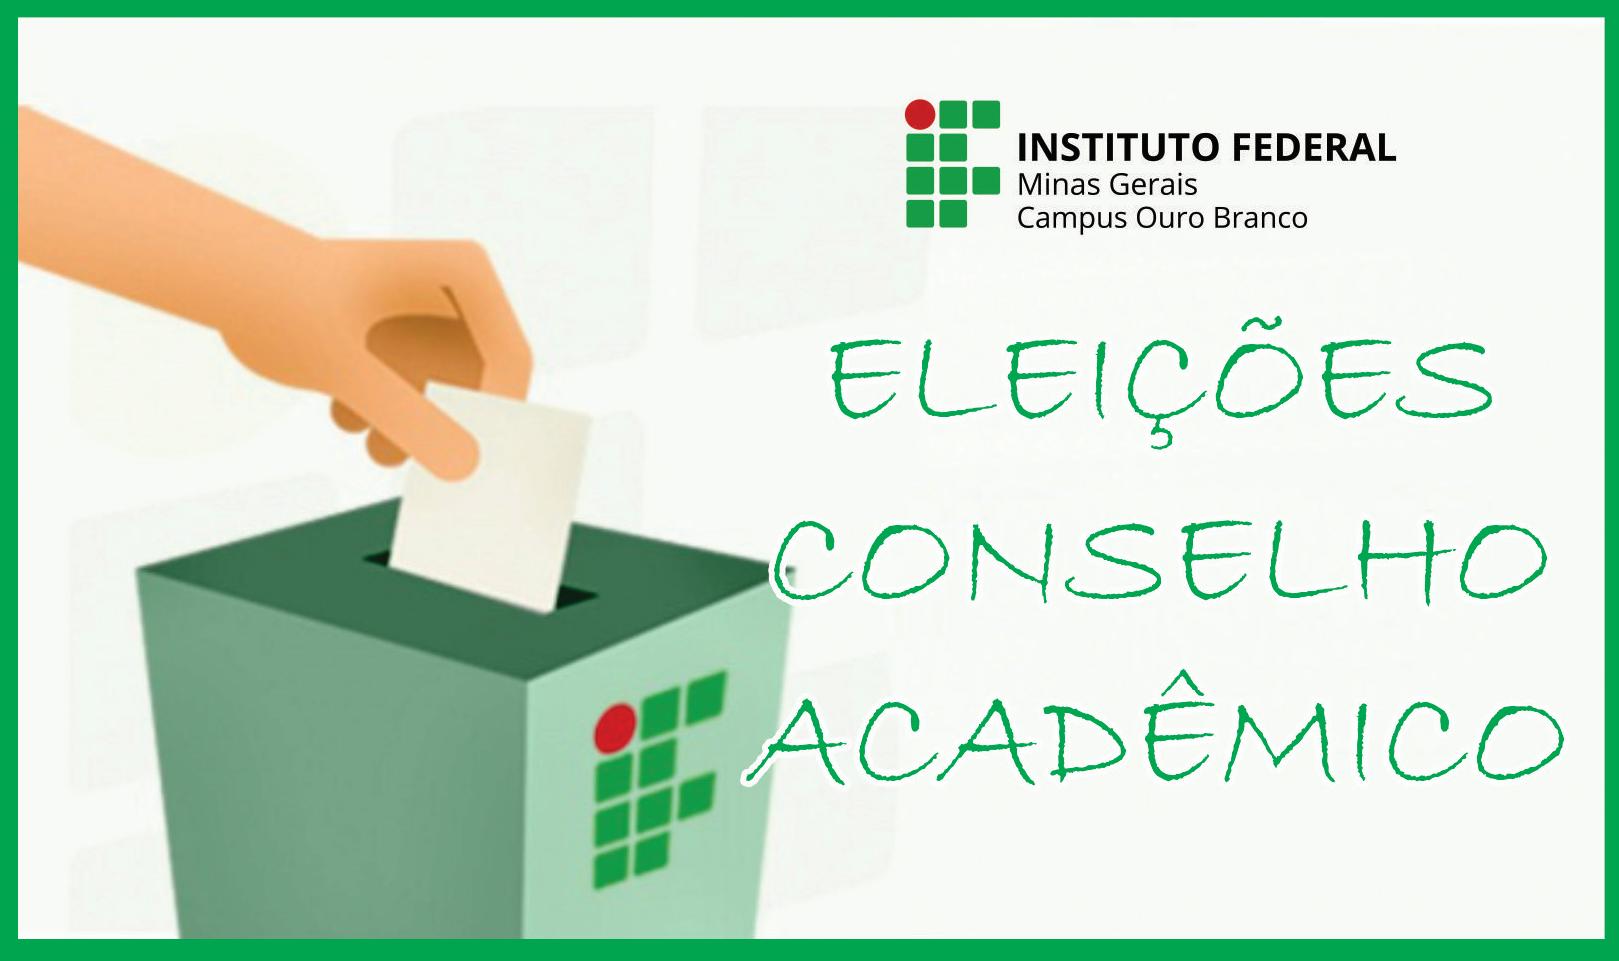 Eleição - Conselho Acadêmico ok